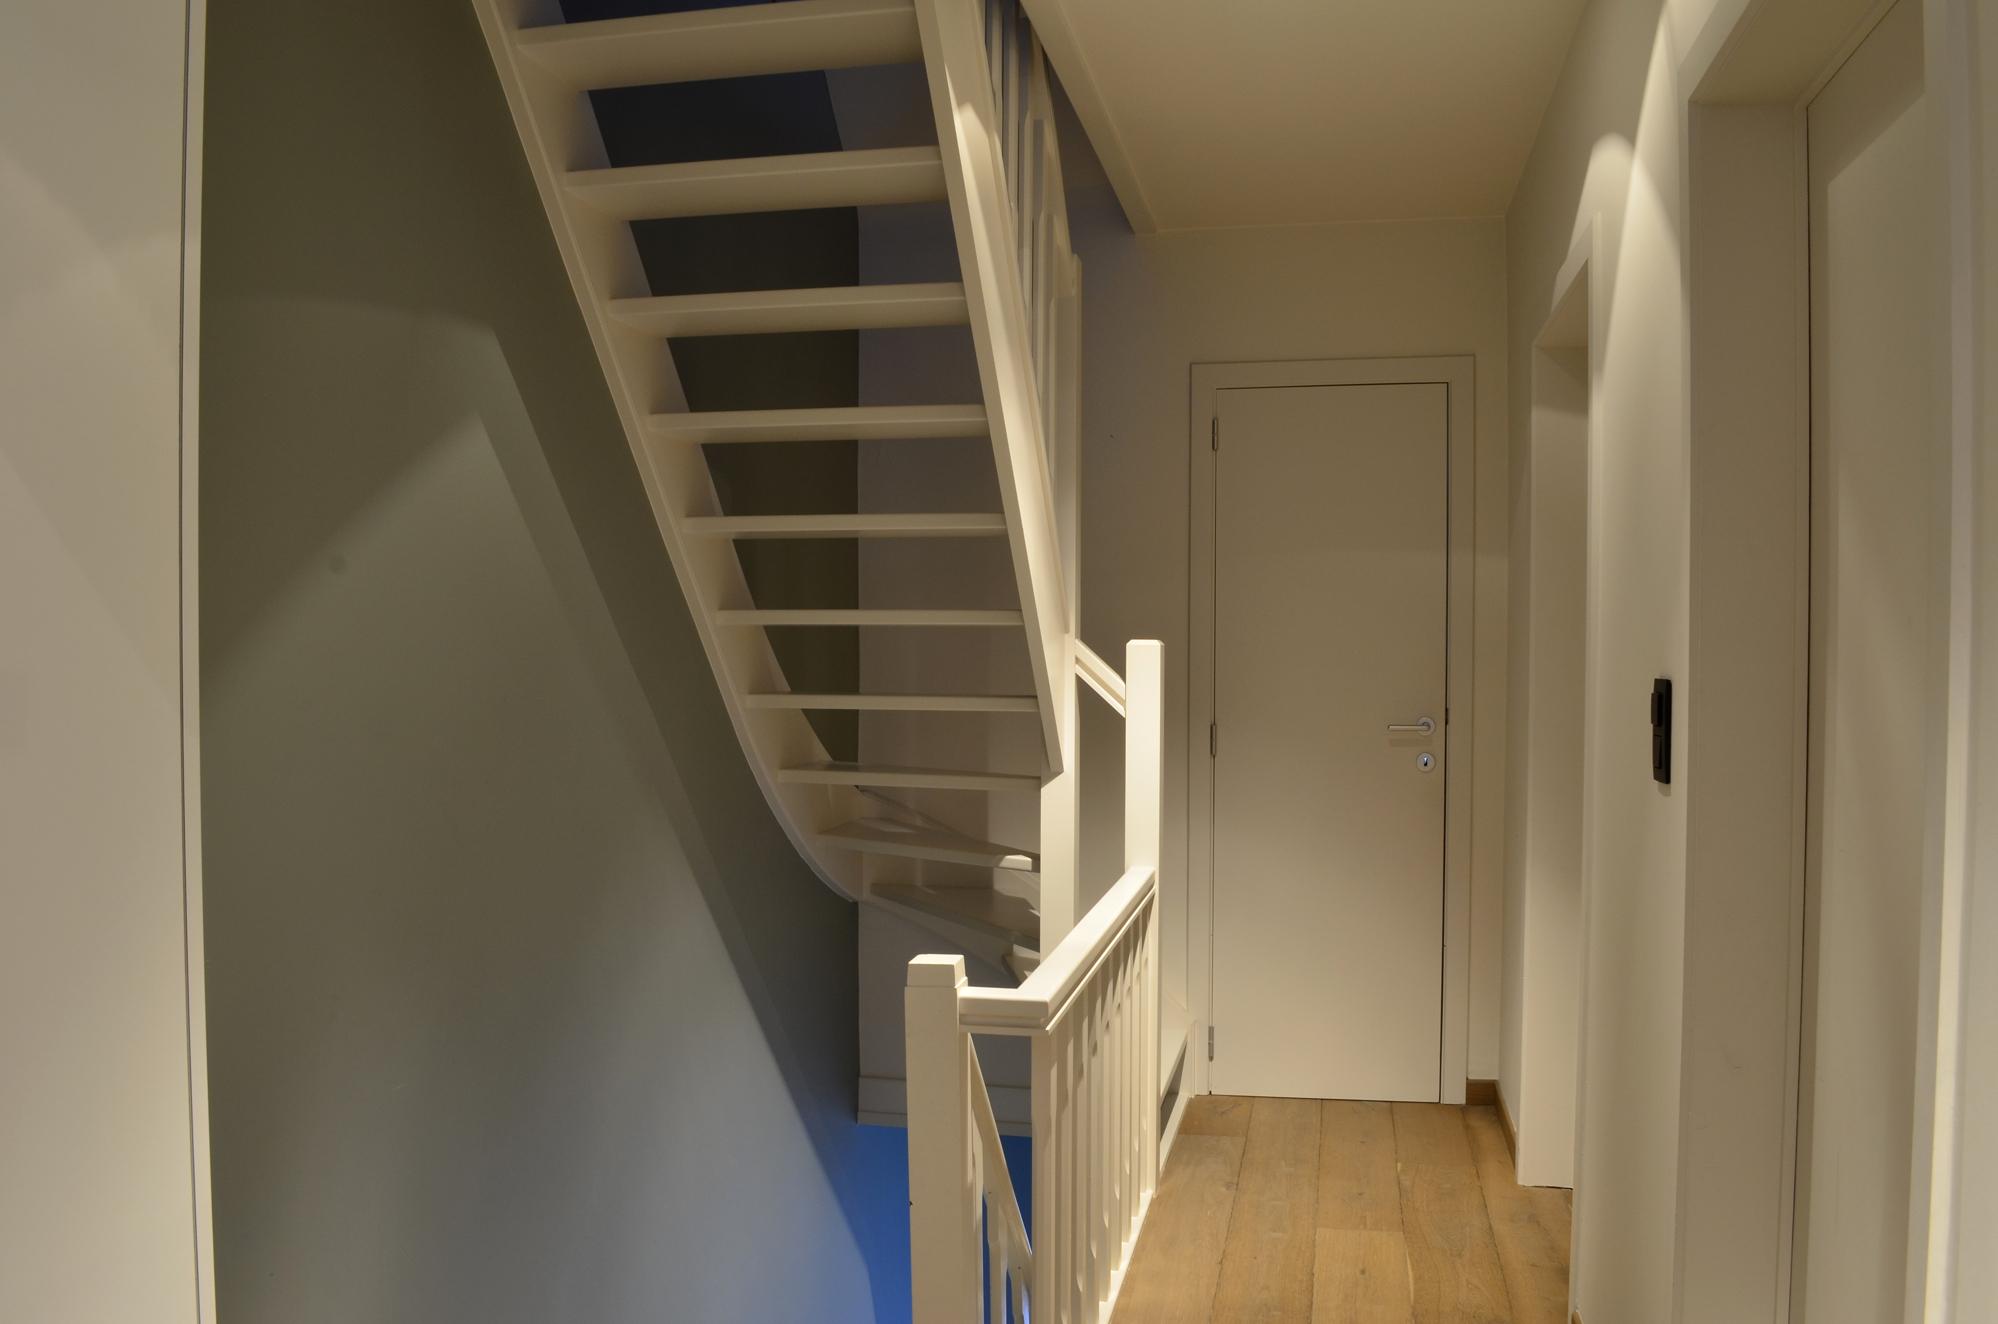 Geschilderde trap trappen realisaties - Interieur ontwerp trap ...